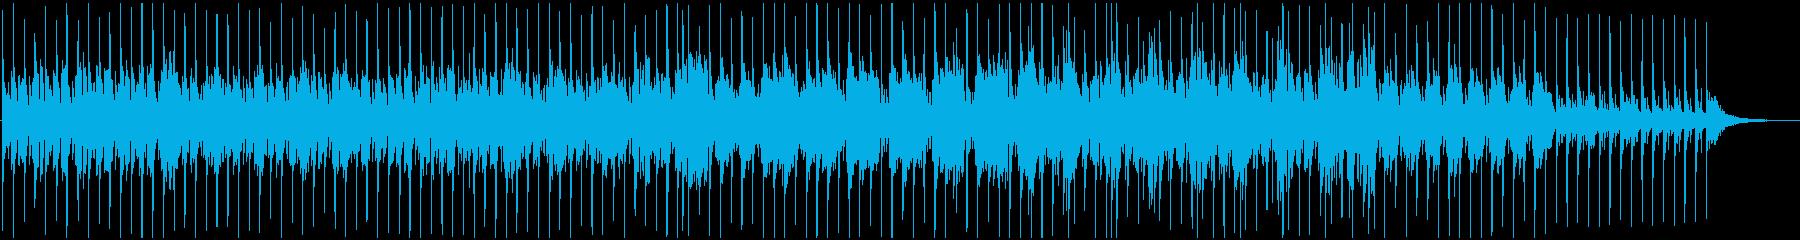 レトロなシンセPOPの再生済みの波形